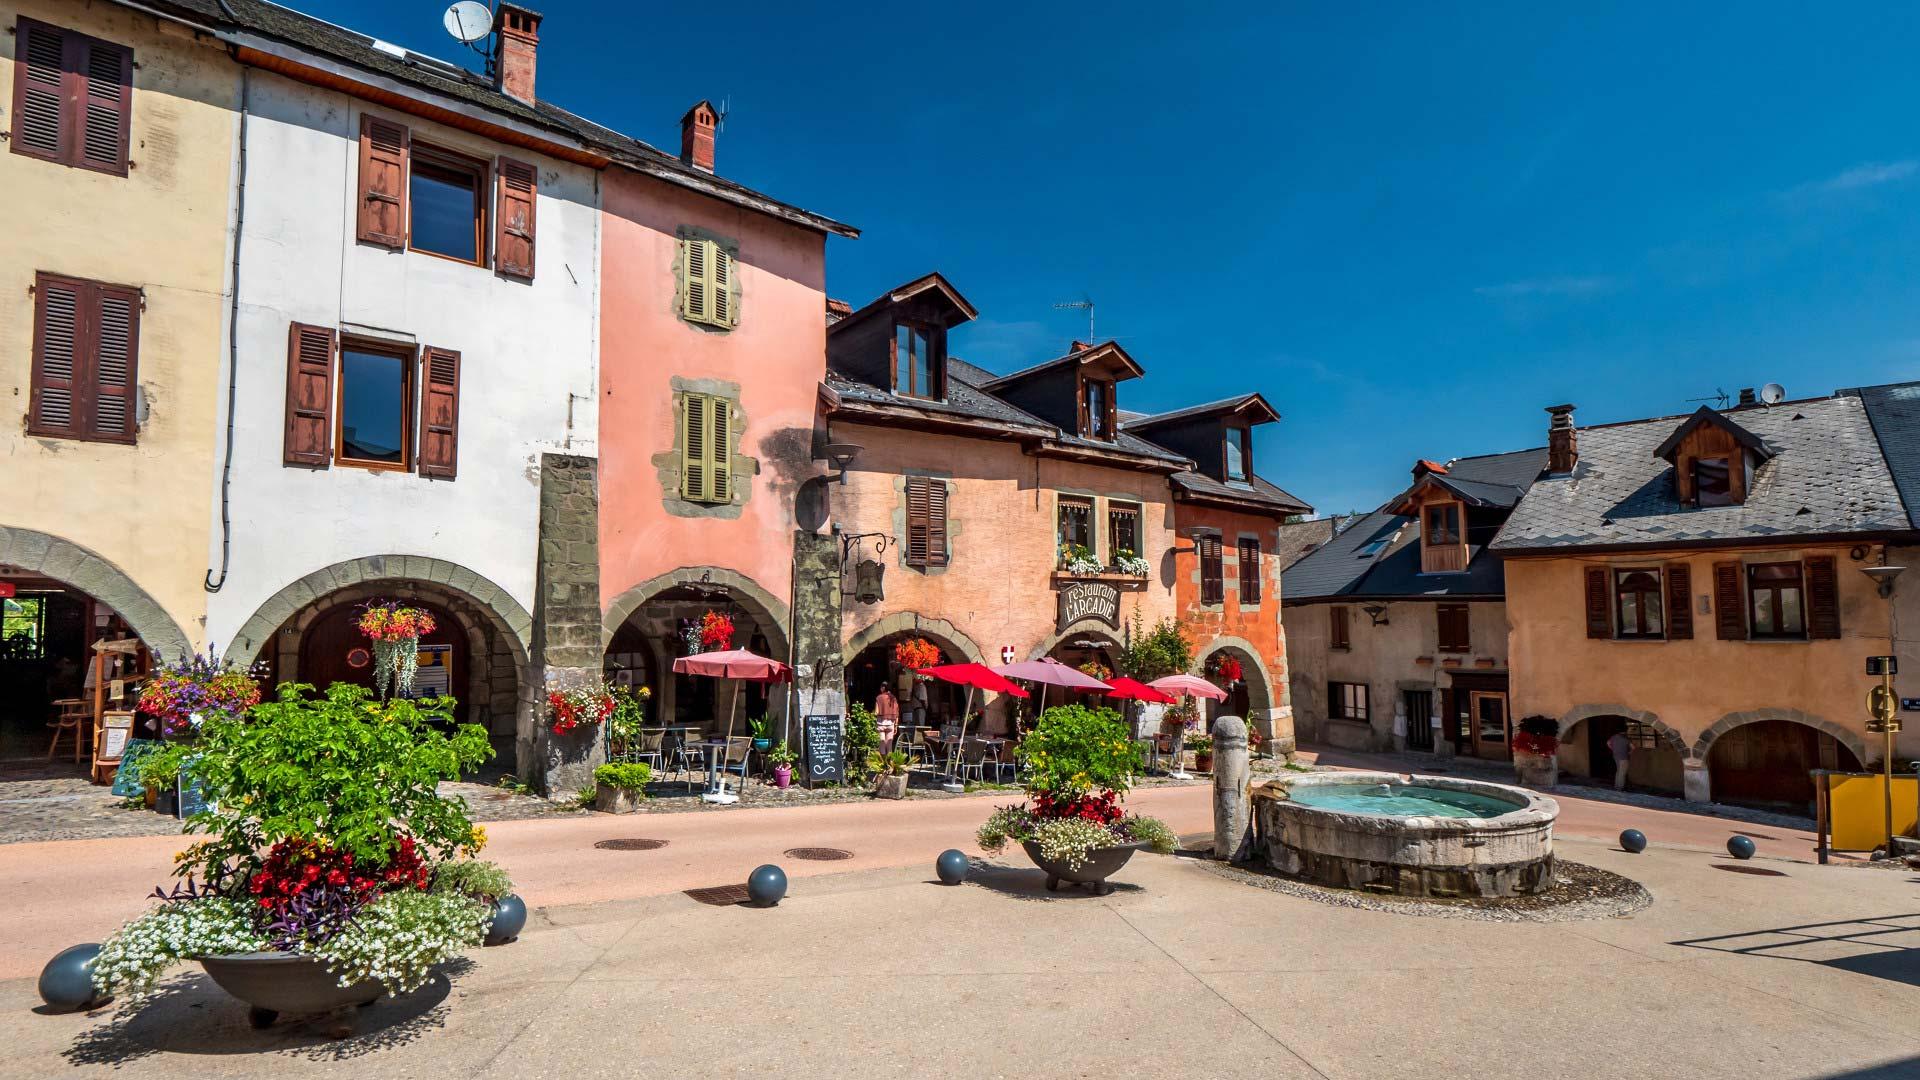 Place du Trophée in Alby-sur-Chéran